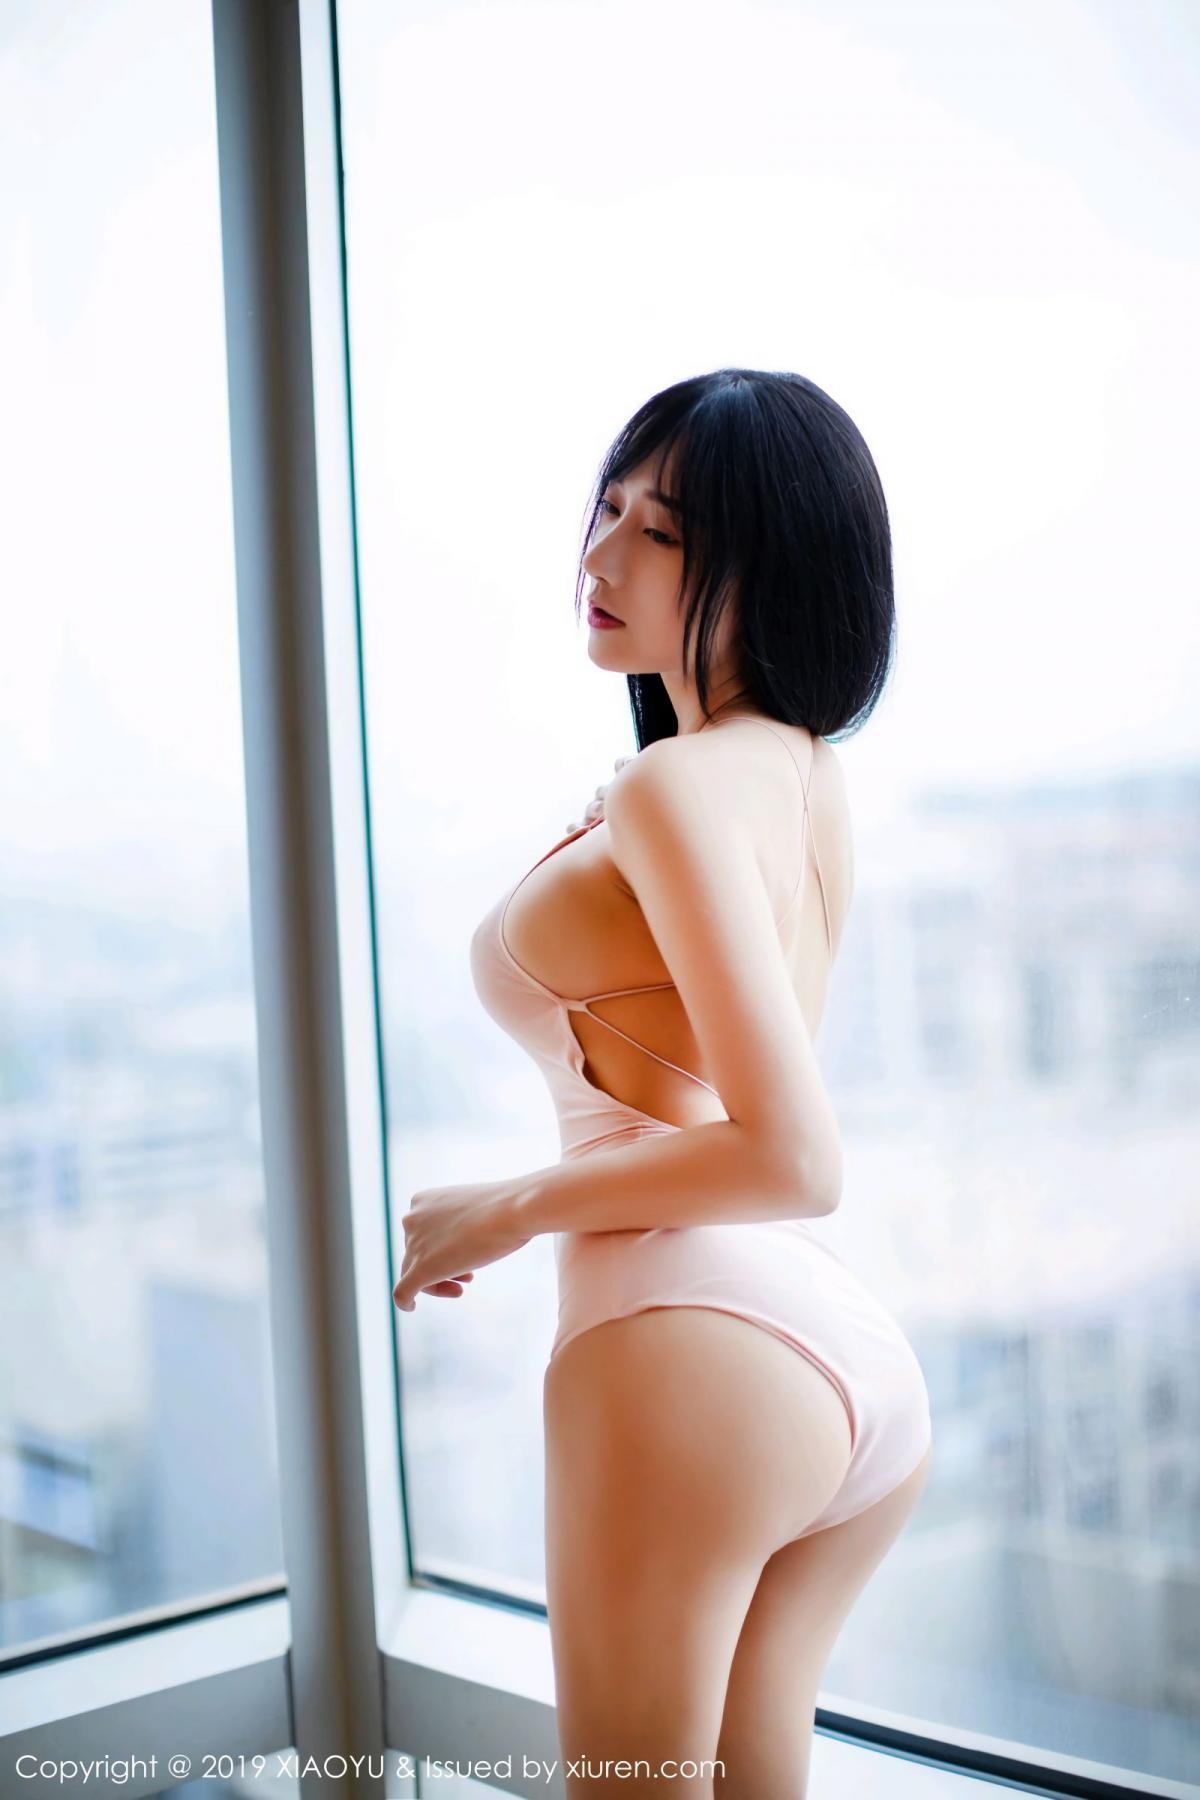 [XiaoYu] Vol.097 He Jia Ying 61P, He Jia Ying, Tall, XiaoYu